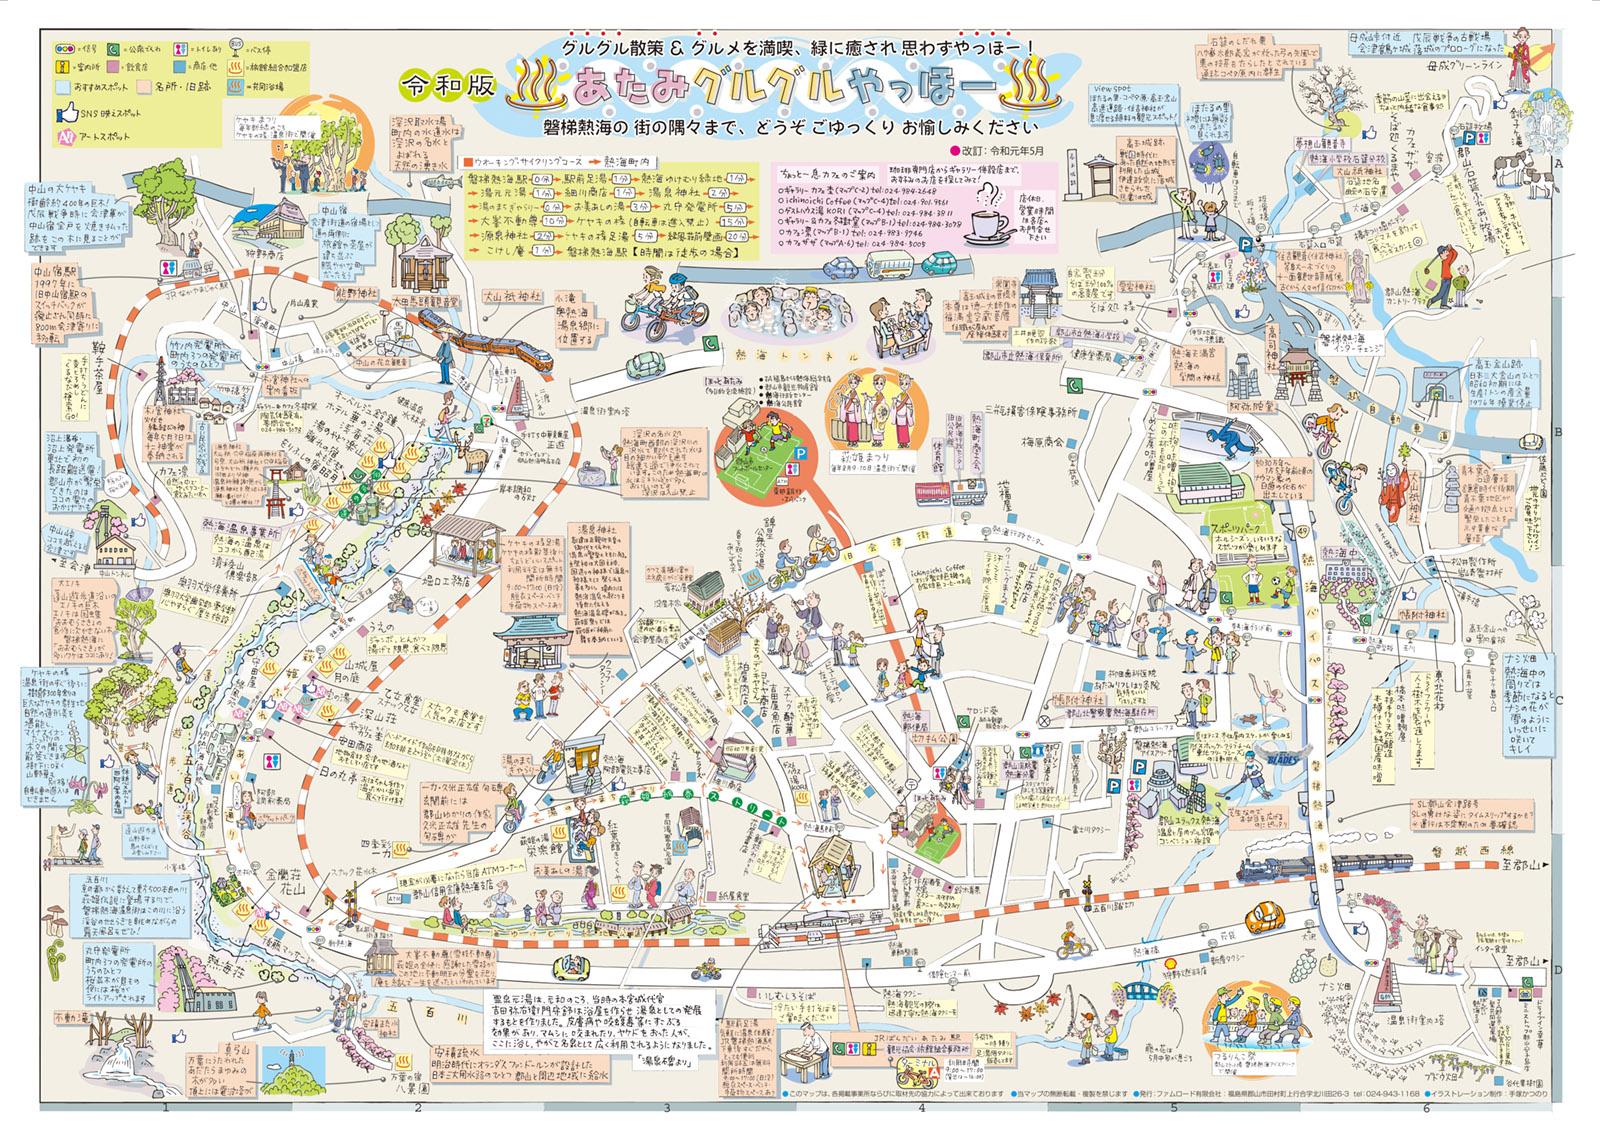 磐梯熱海地図